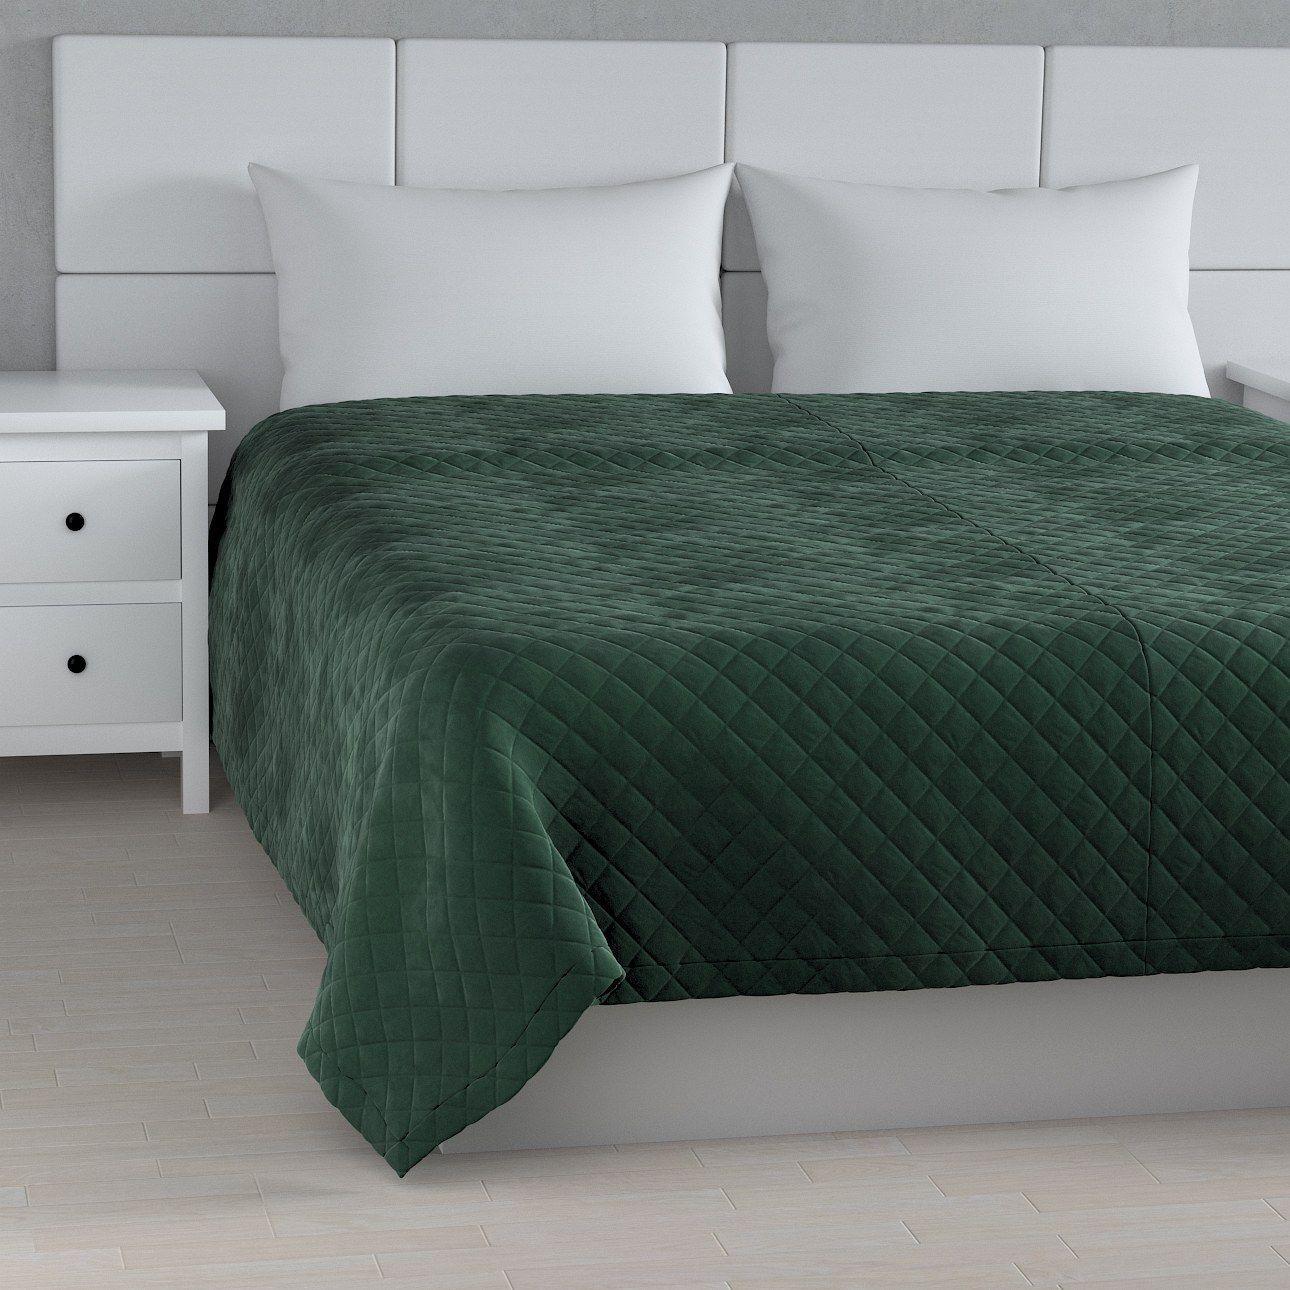 Narzuta pikowana w romby, ciemny zielony, szer.260  dł.210 cm, Velvet